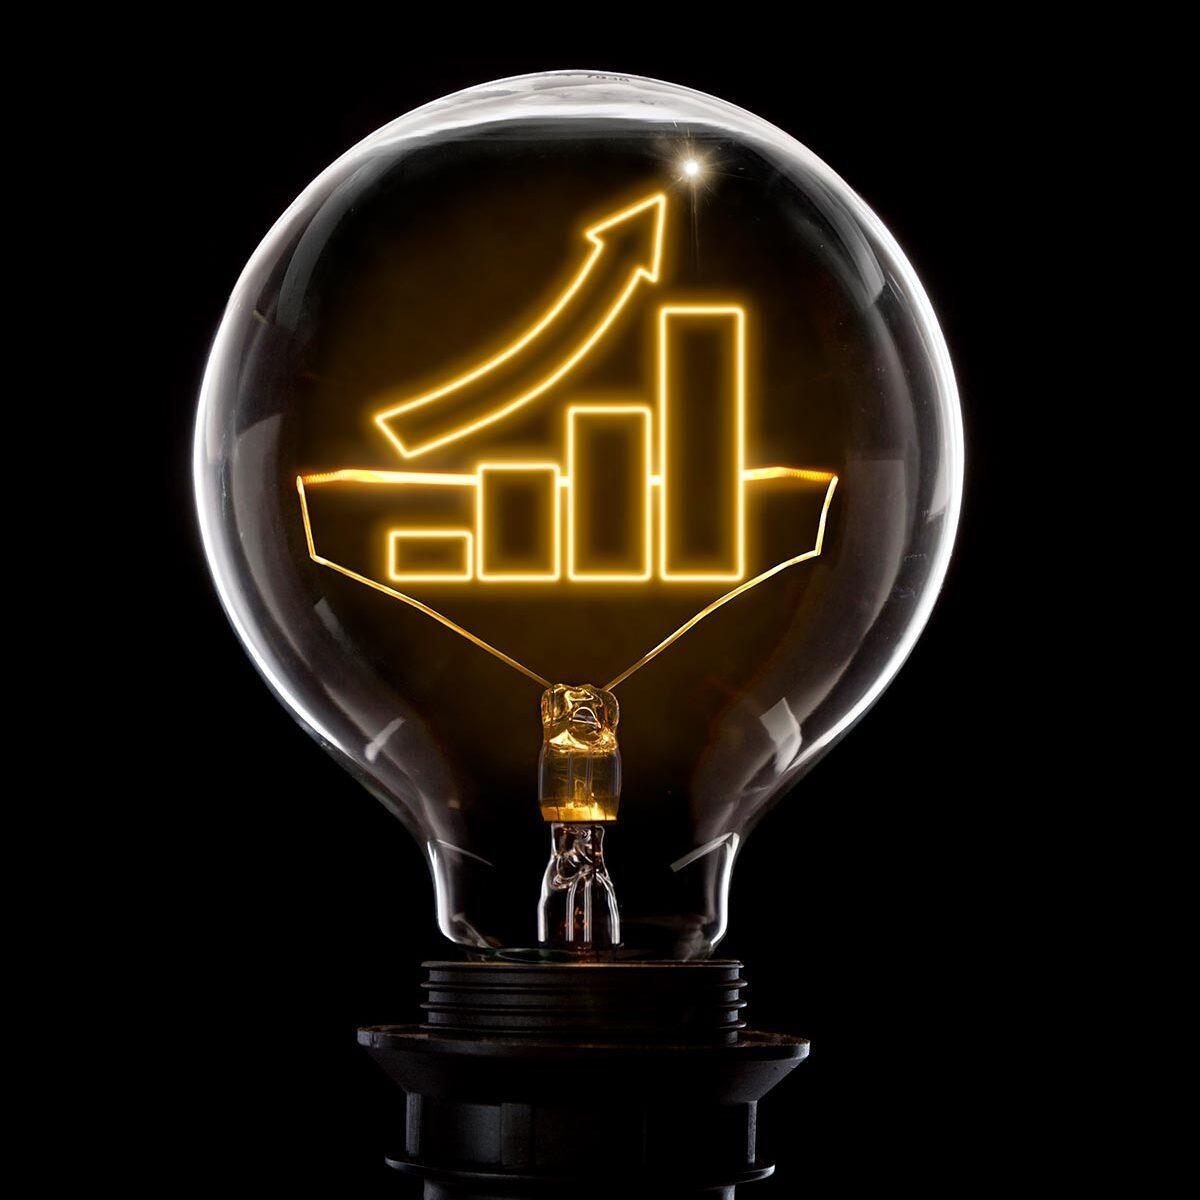 Pörssisähkö seuraa markkinoiden kehitystä